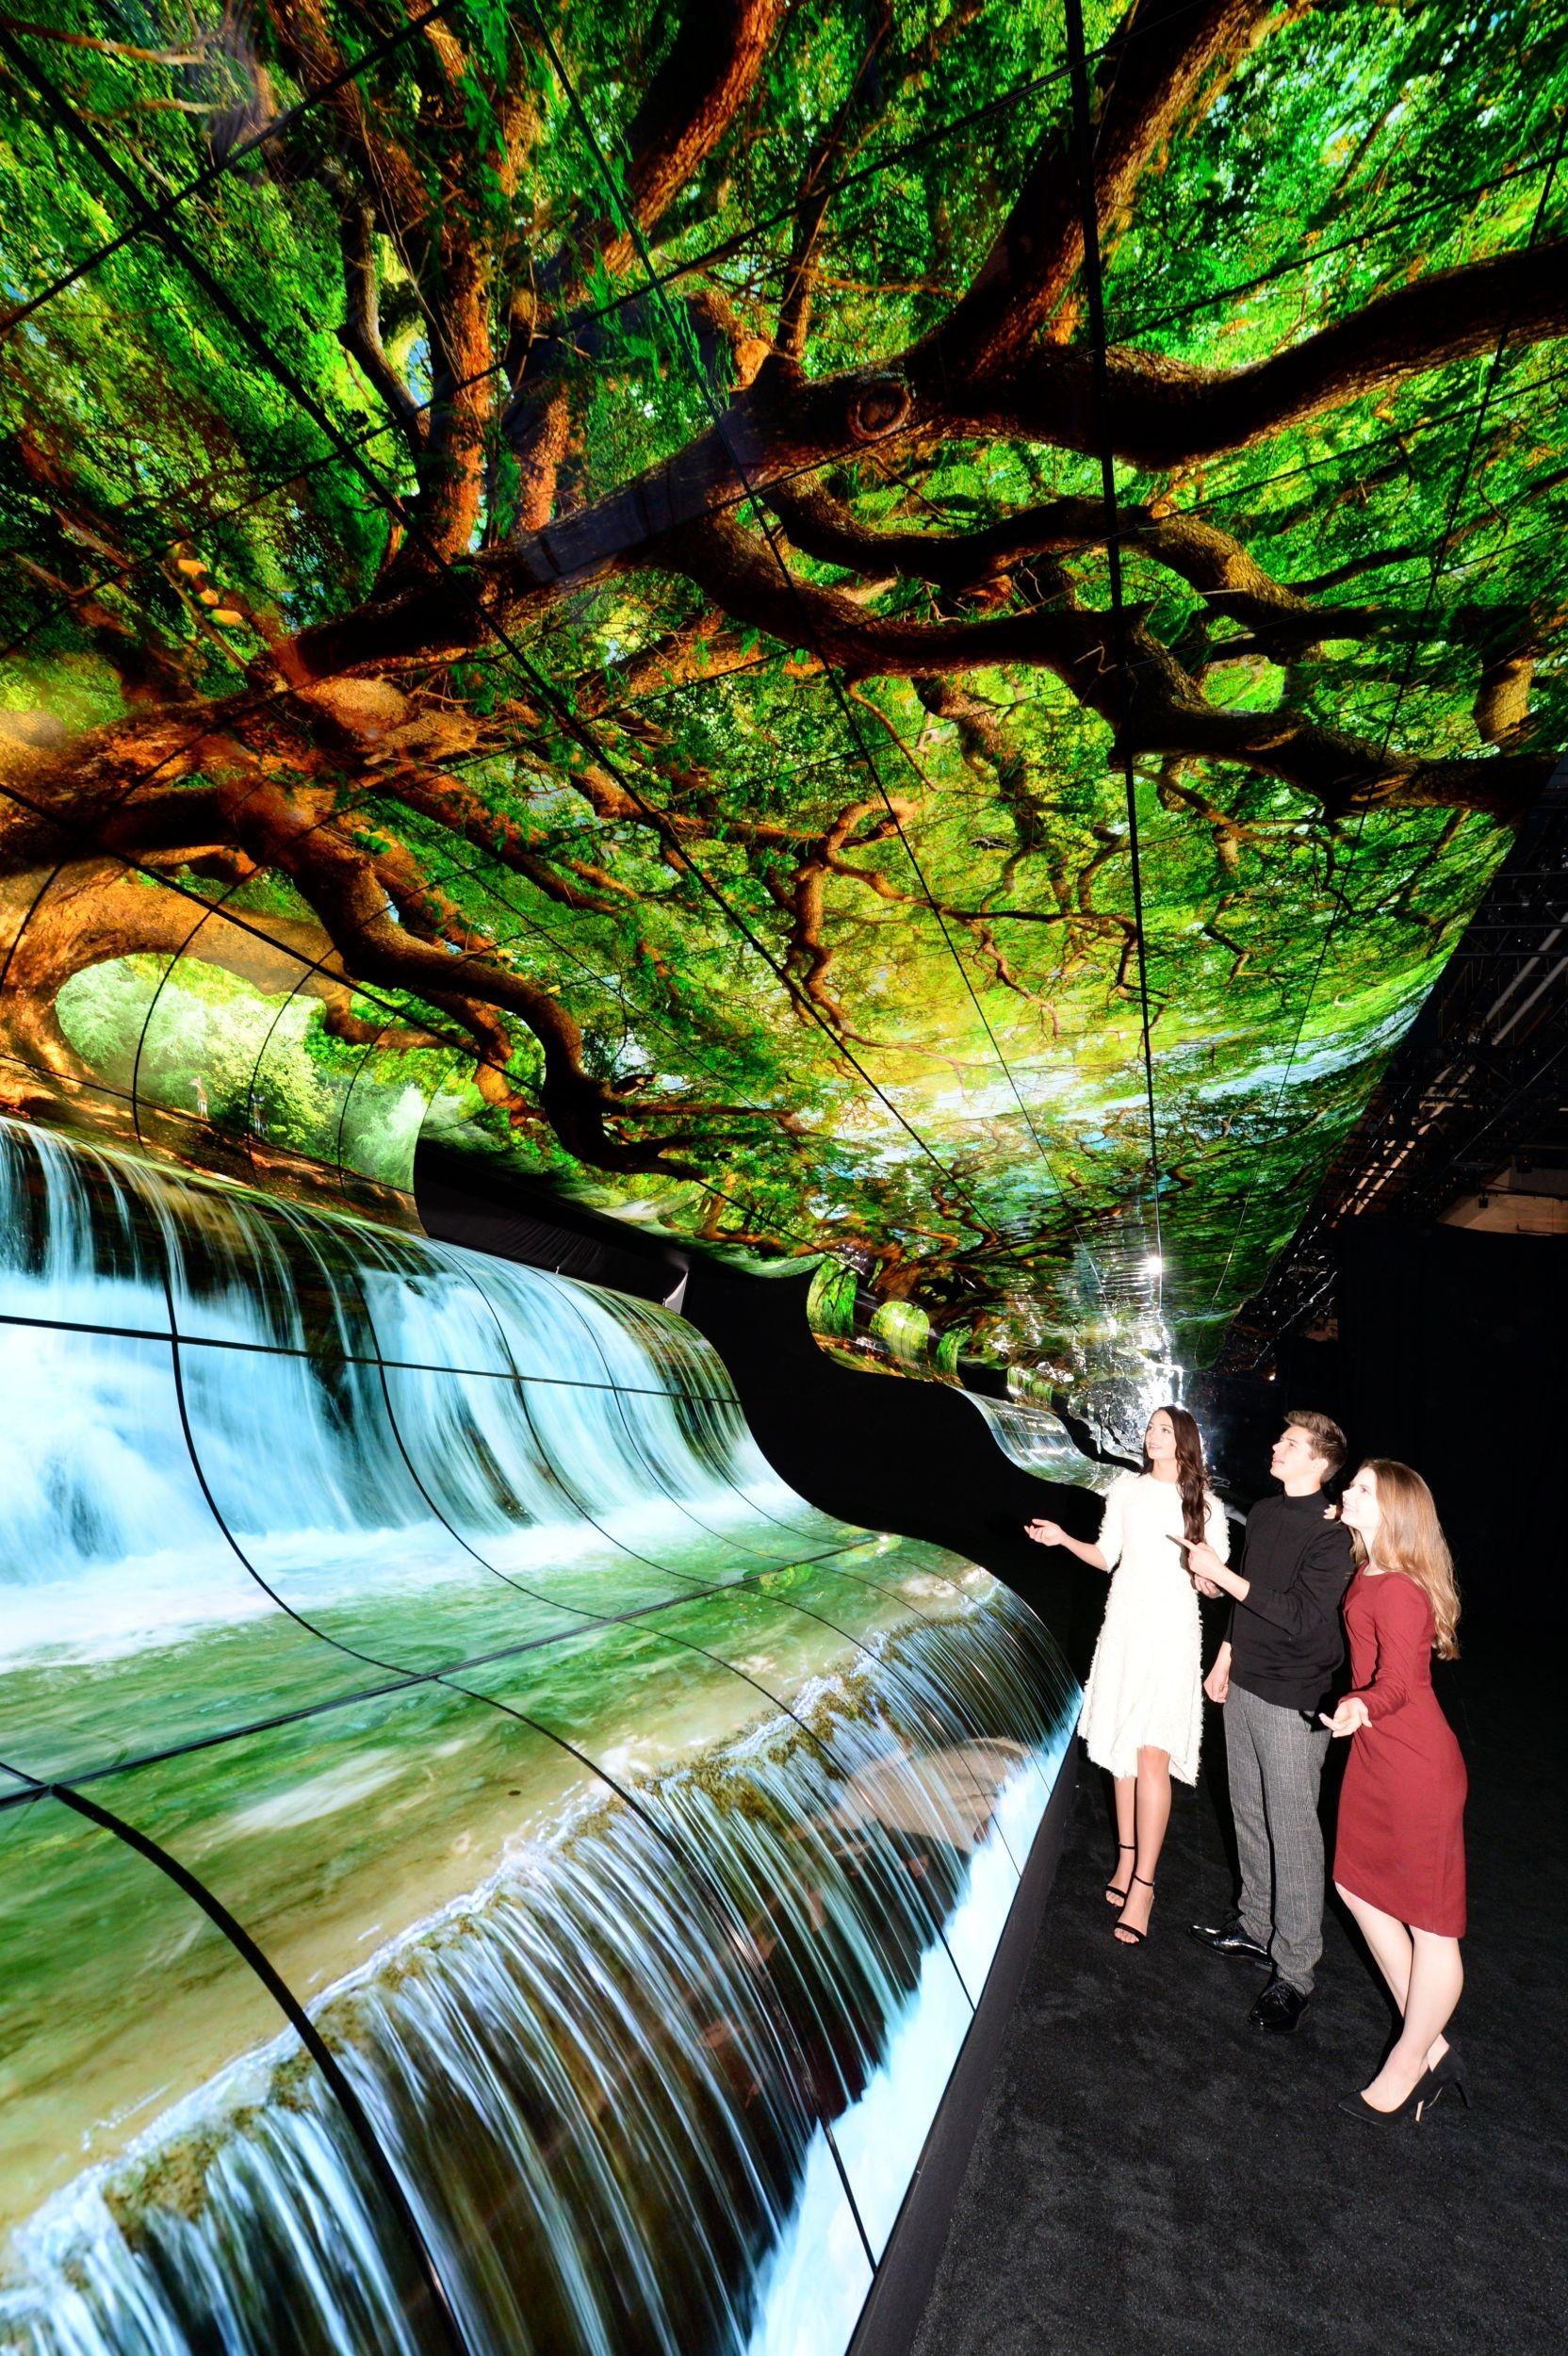 """عرض   LG OLED FALLS   بمعرض مدينة  """"لاس فيغاس""""   يفوق كل التوقعات:"""